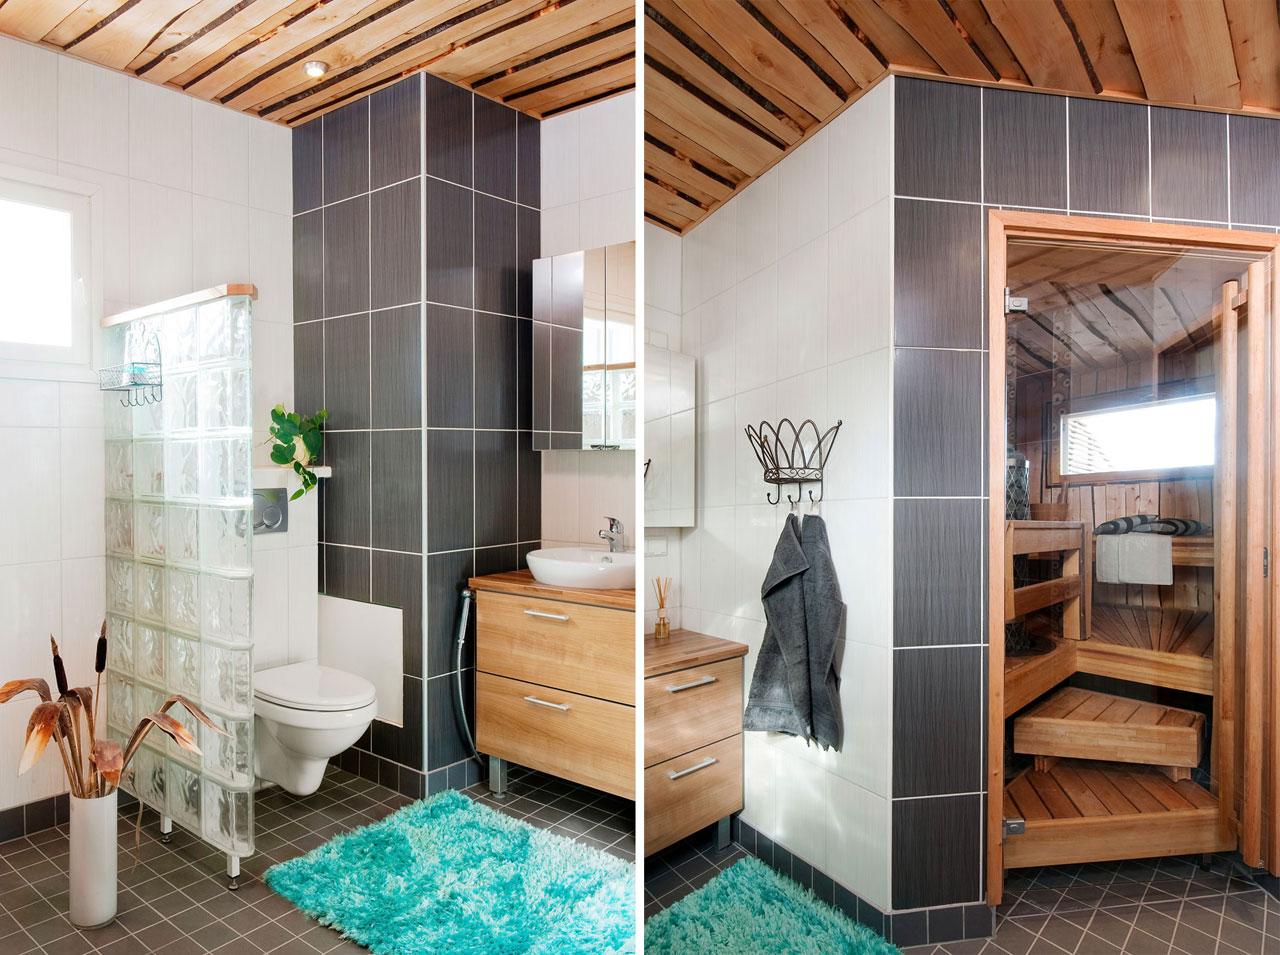 Wc-istuin on erotettu suihkunurkkauksesta lasitiiliseinällä. Kiintokalusteet ja altaat on hankittu Keittiömaailmasta.